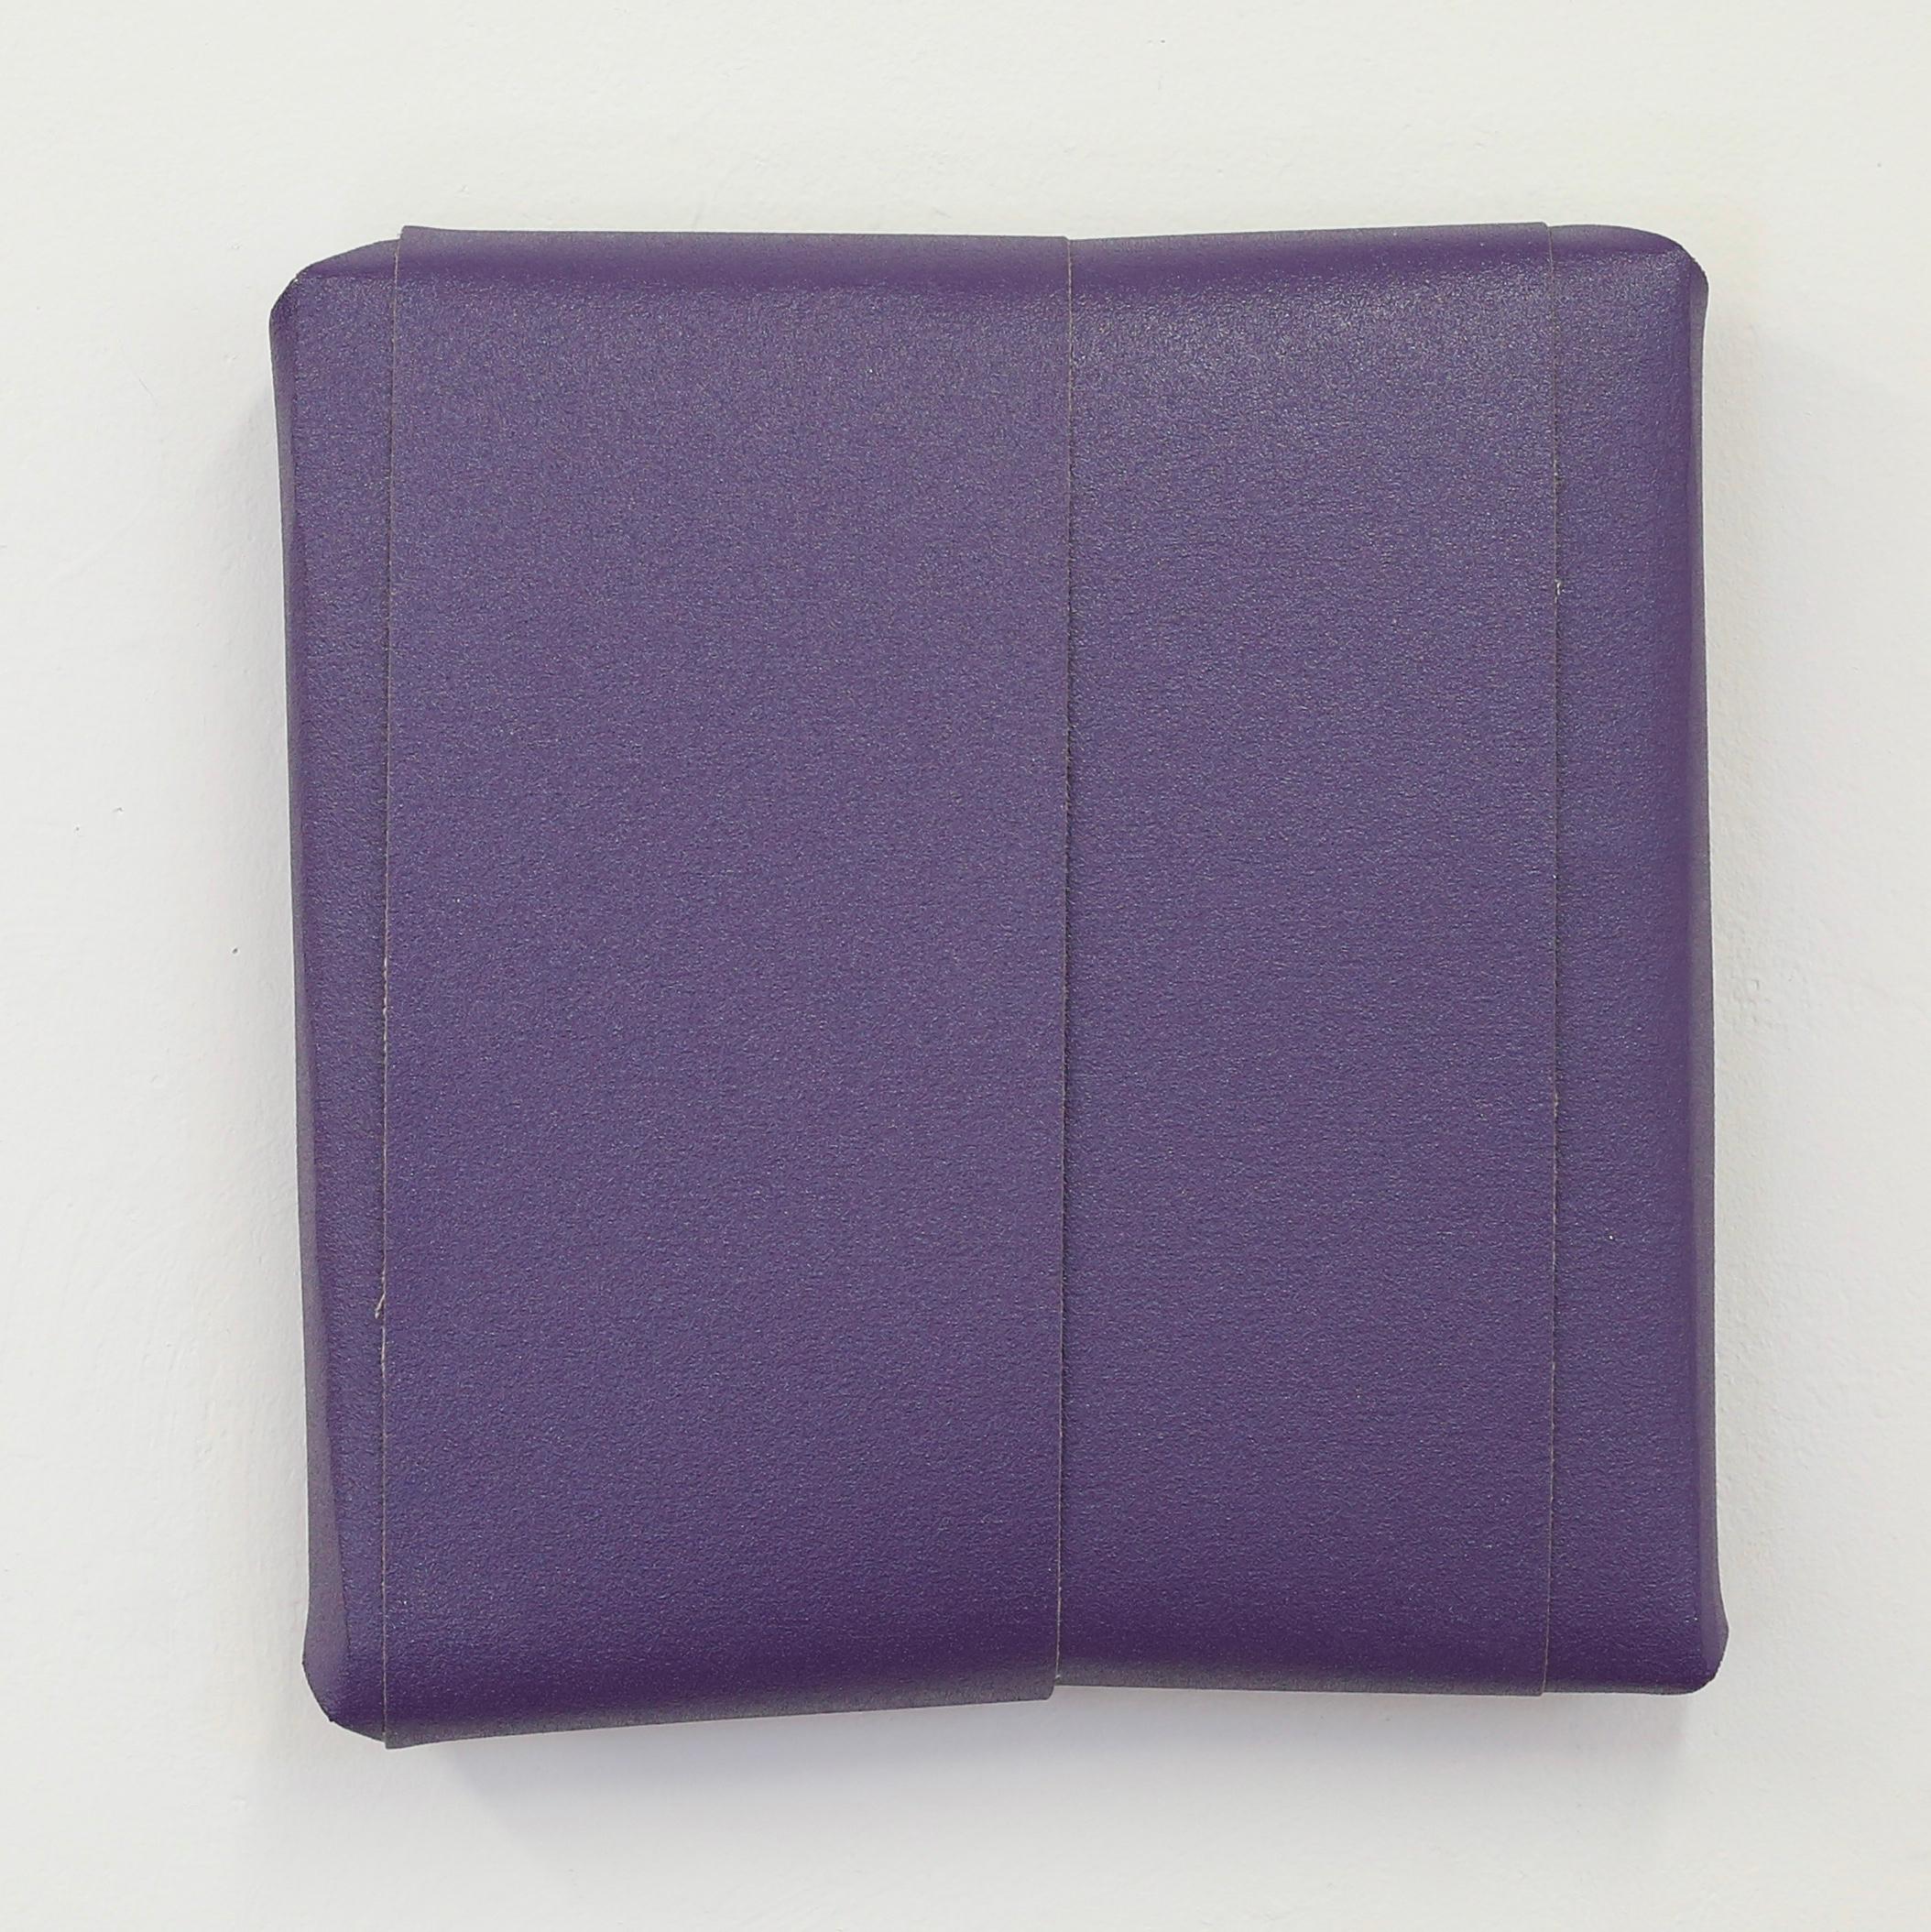 Untitled (4 Belts of Purple, 100 Grit)